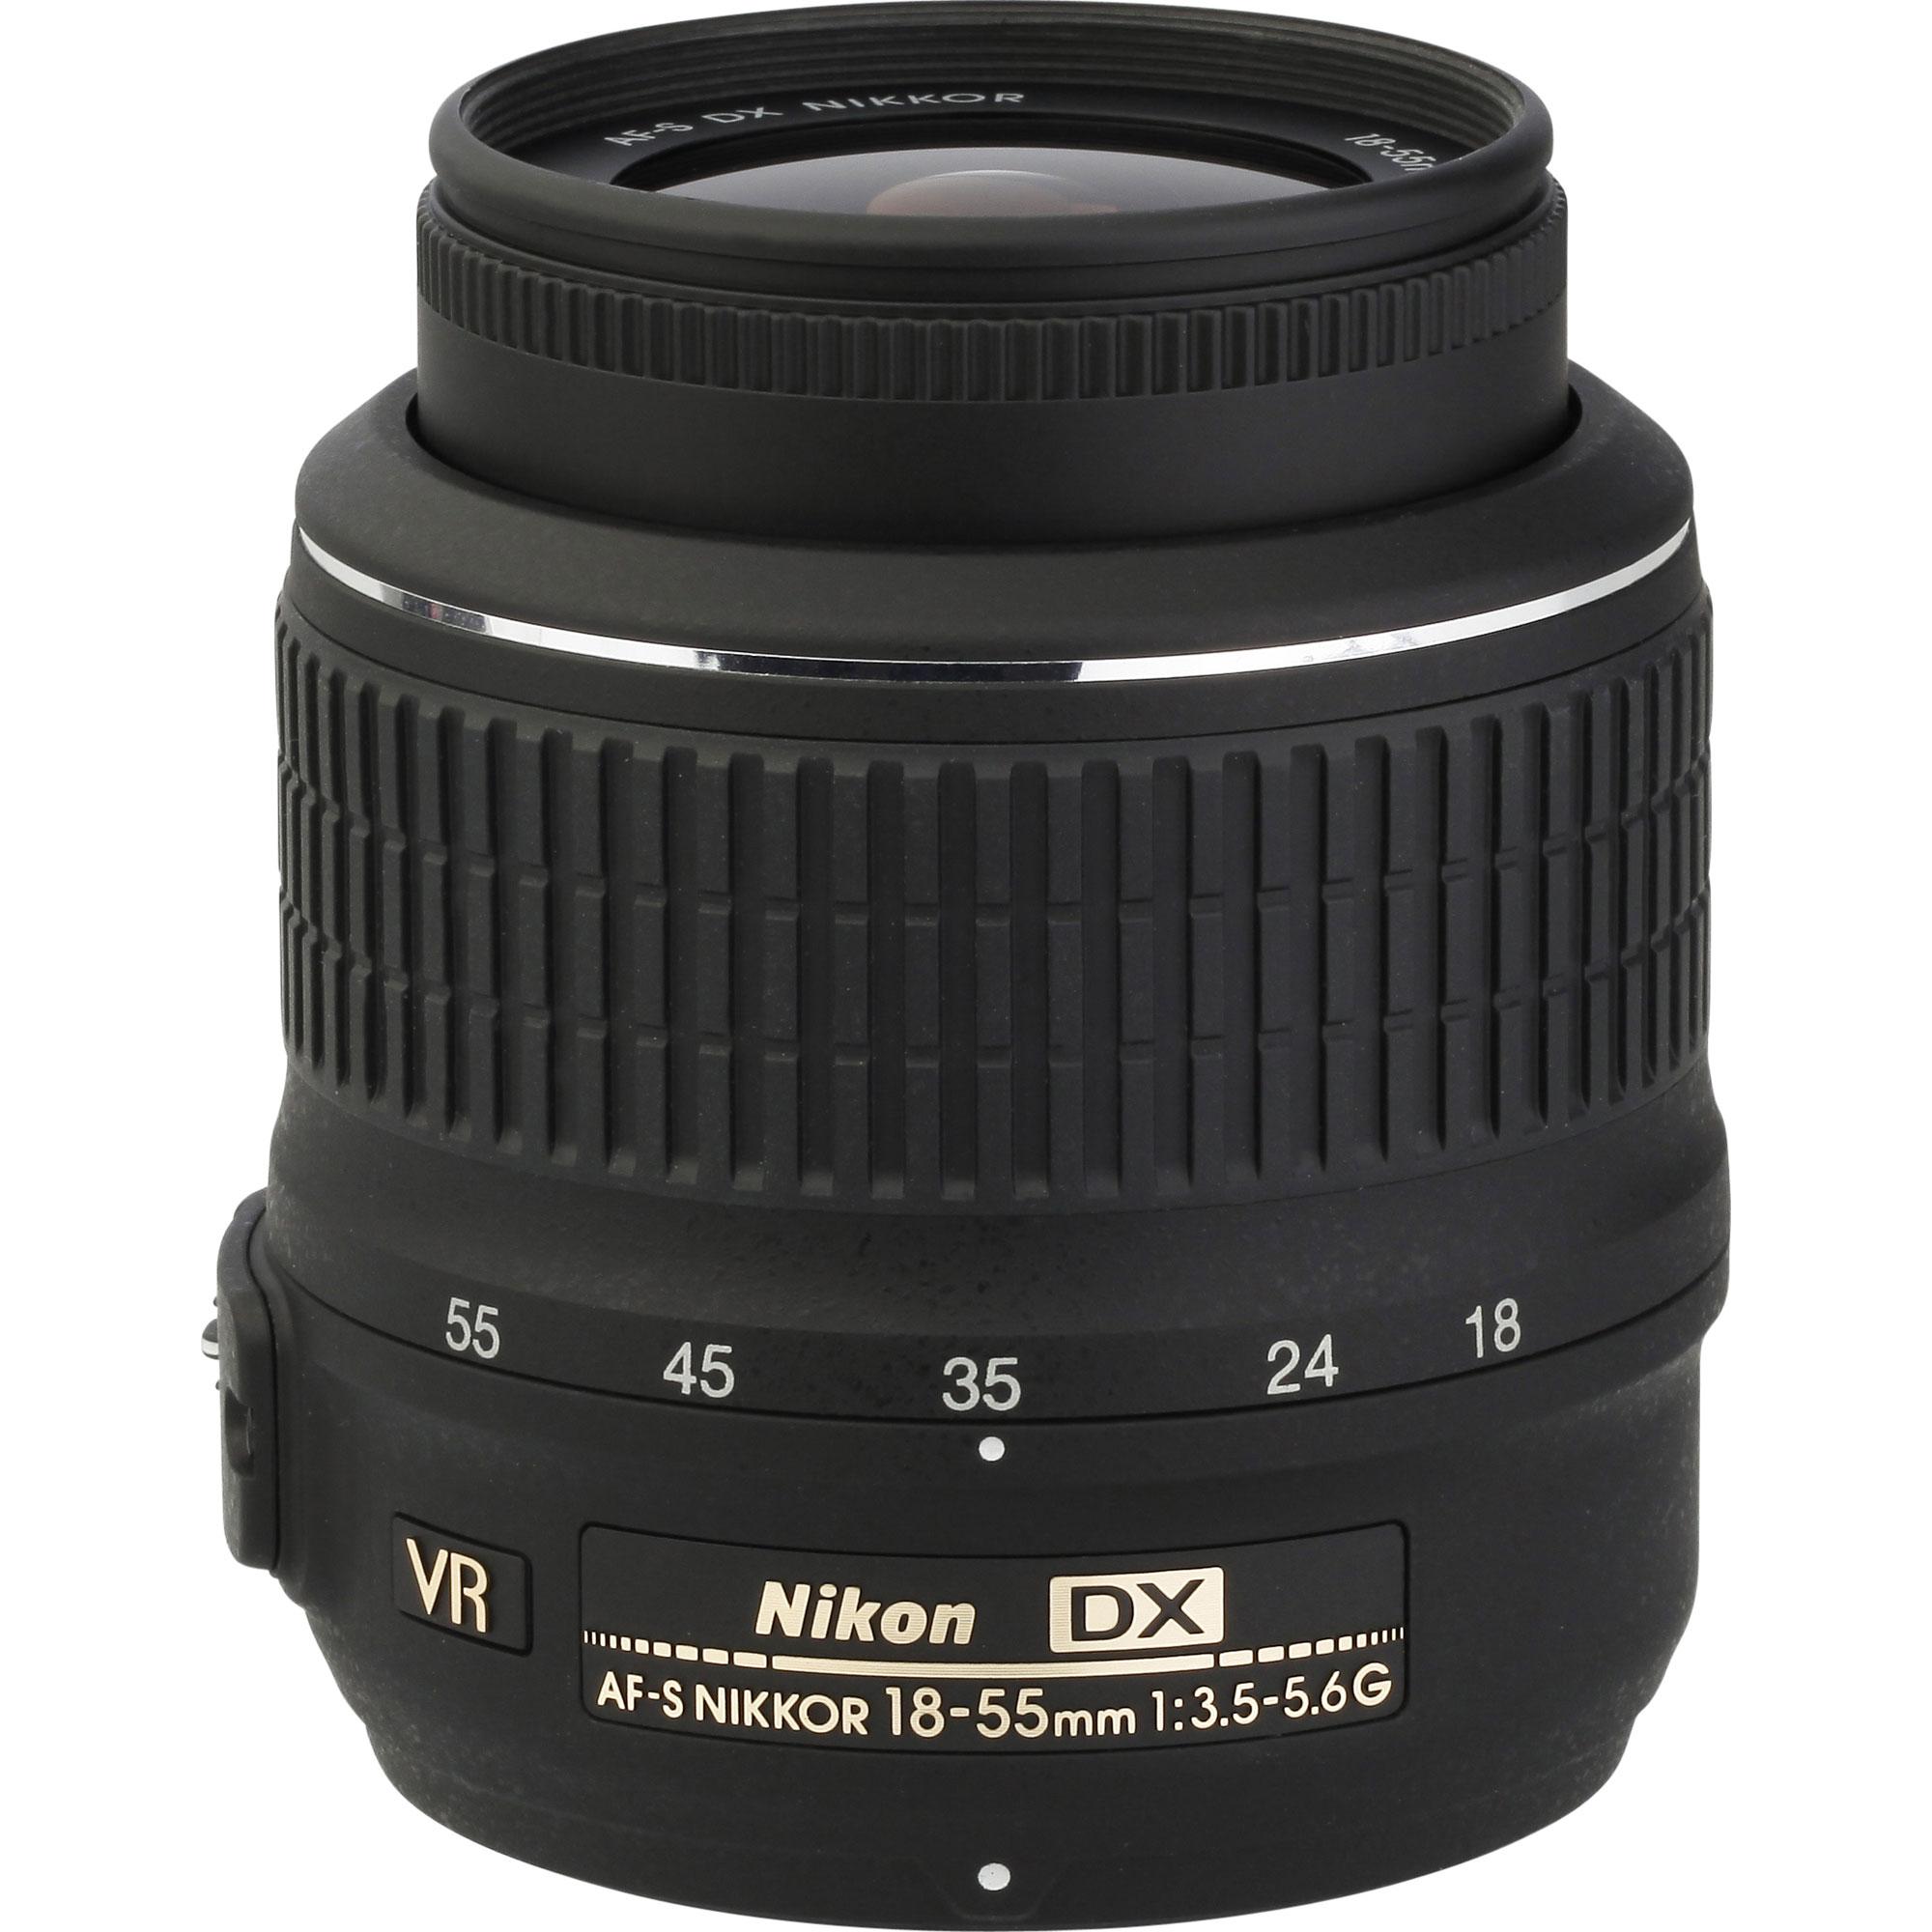 Nikon D5300 + AF-S DX Nikkor 18-55 mm G VR - Vue de l'objectif